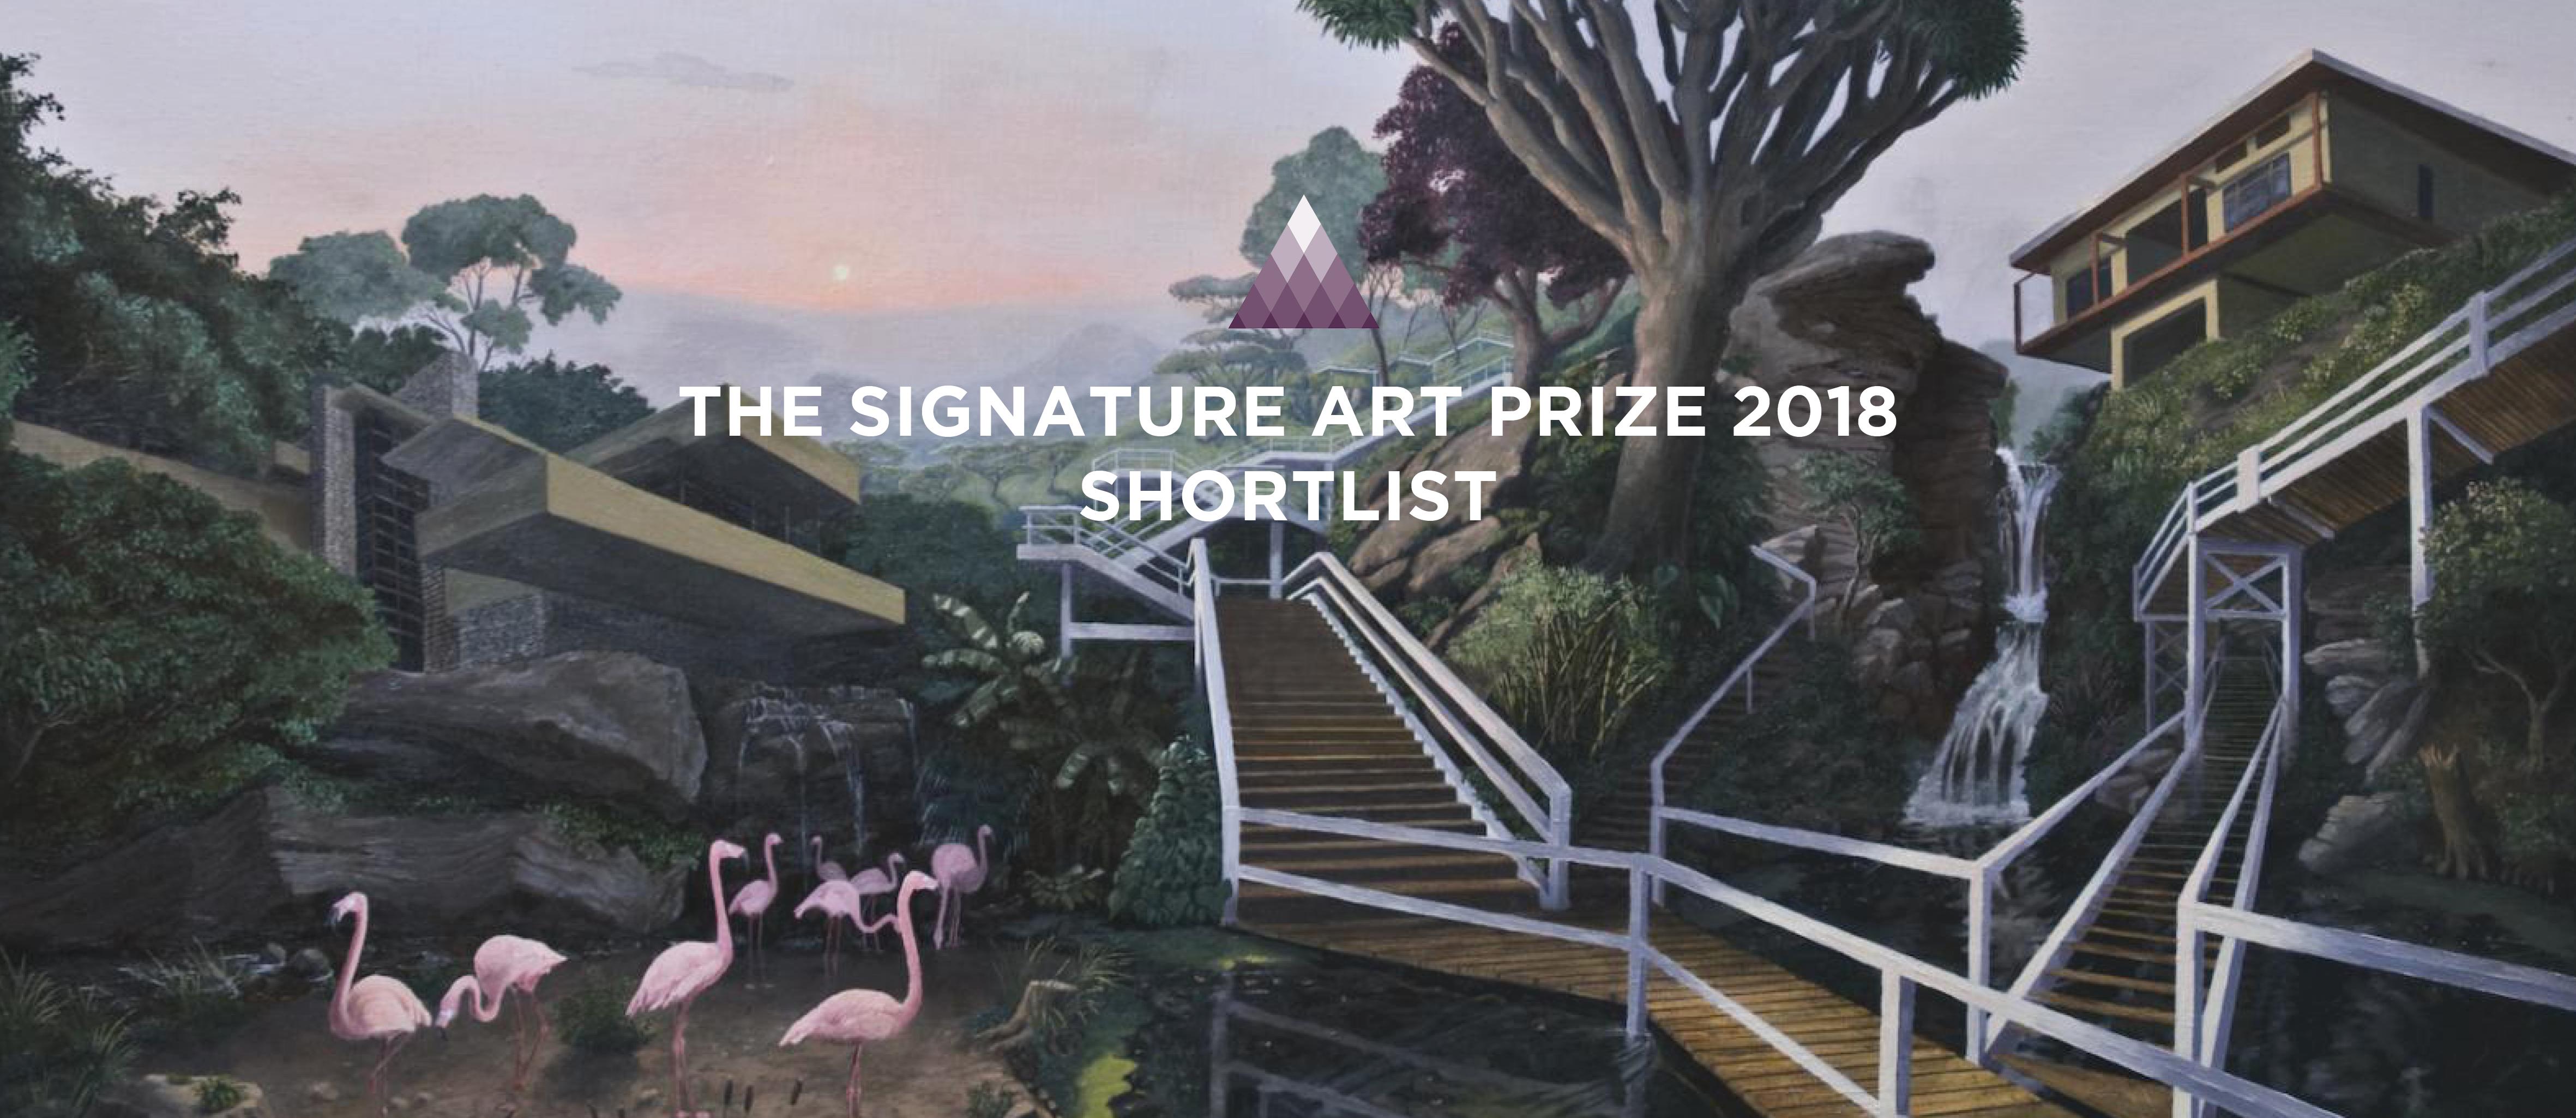 Announcing The Signature Art Prize 2018 Shortlist